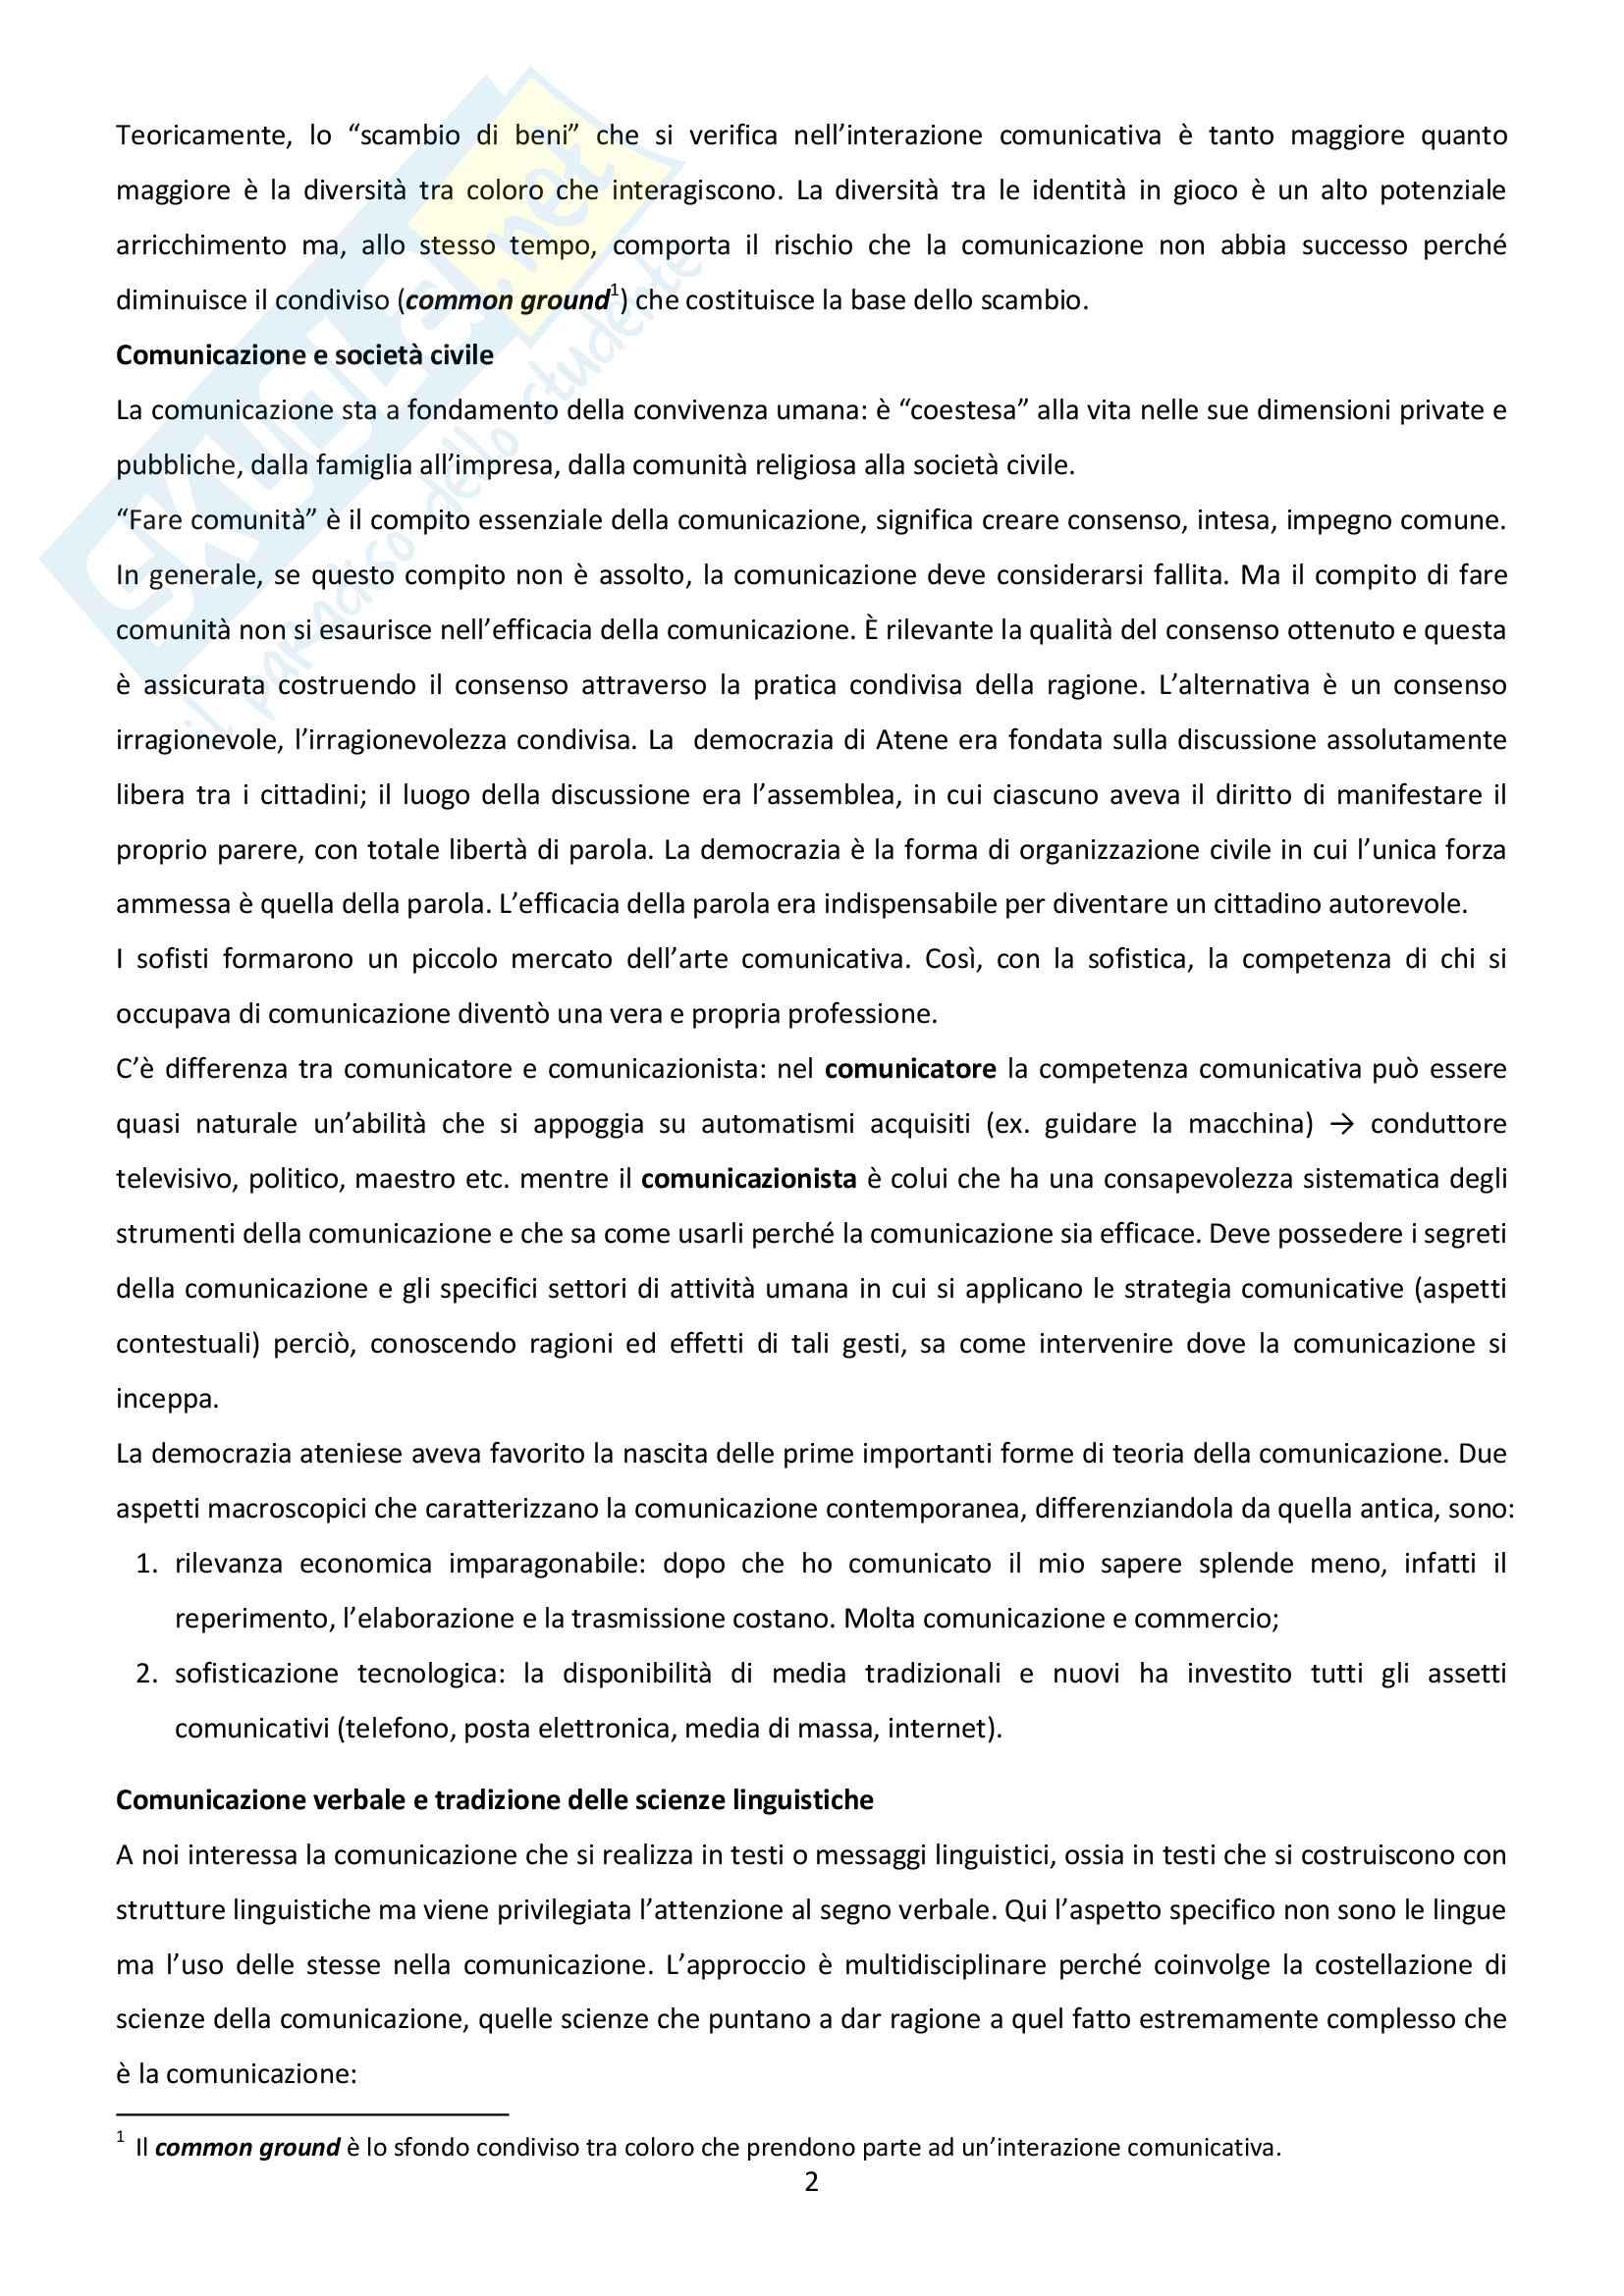 Riassunto esame di Linguistica Generale, docente Gatti, libro consigliato Comunicazione Verbale, Rigotti-Cigada (cap. 1-4.5) Pag. 2